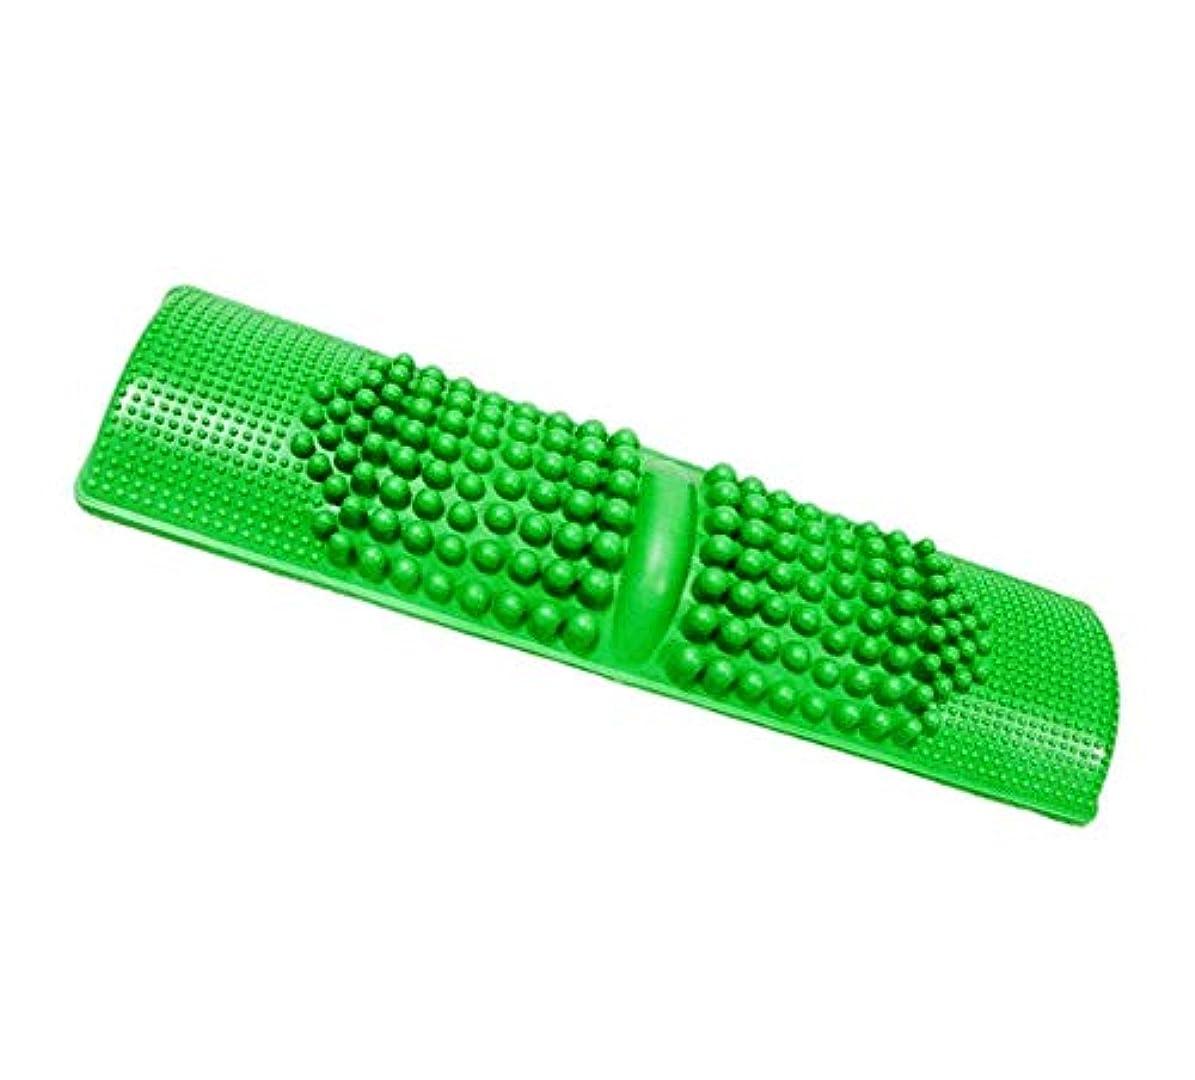 まばたき驚いた宿るDamine 簡単に健康維持 足つぼマッサージ BIGサイズ 足 踏み 足裏 刺激 血行促進 (グリーン)